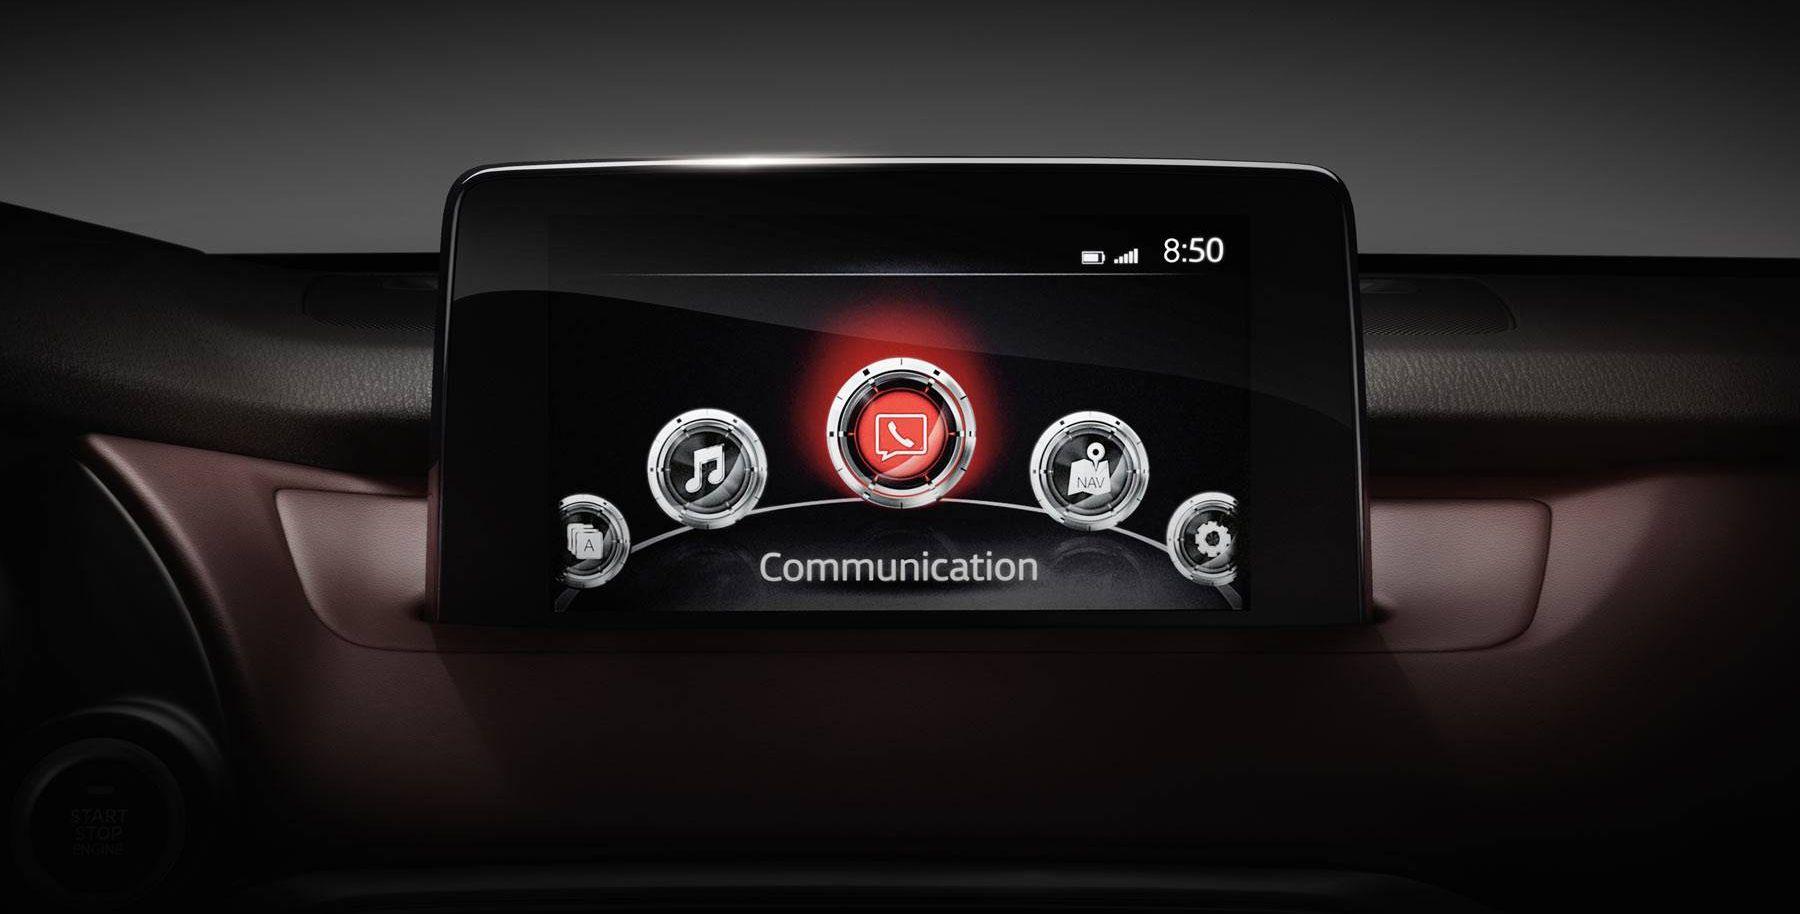 Infotainment in the 2018 Mazda CX-9